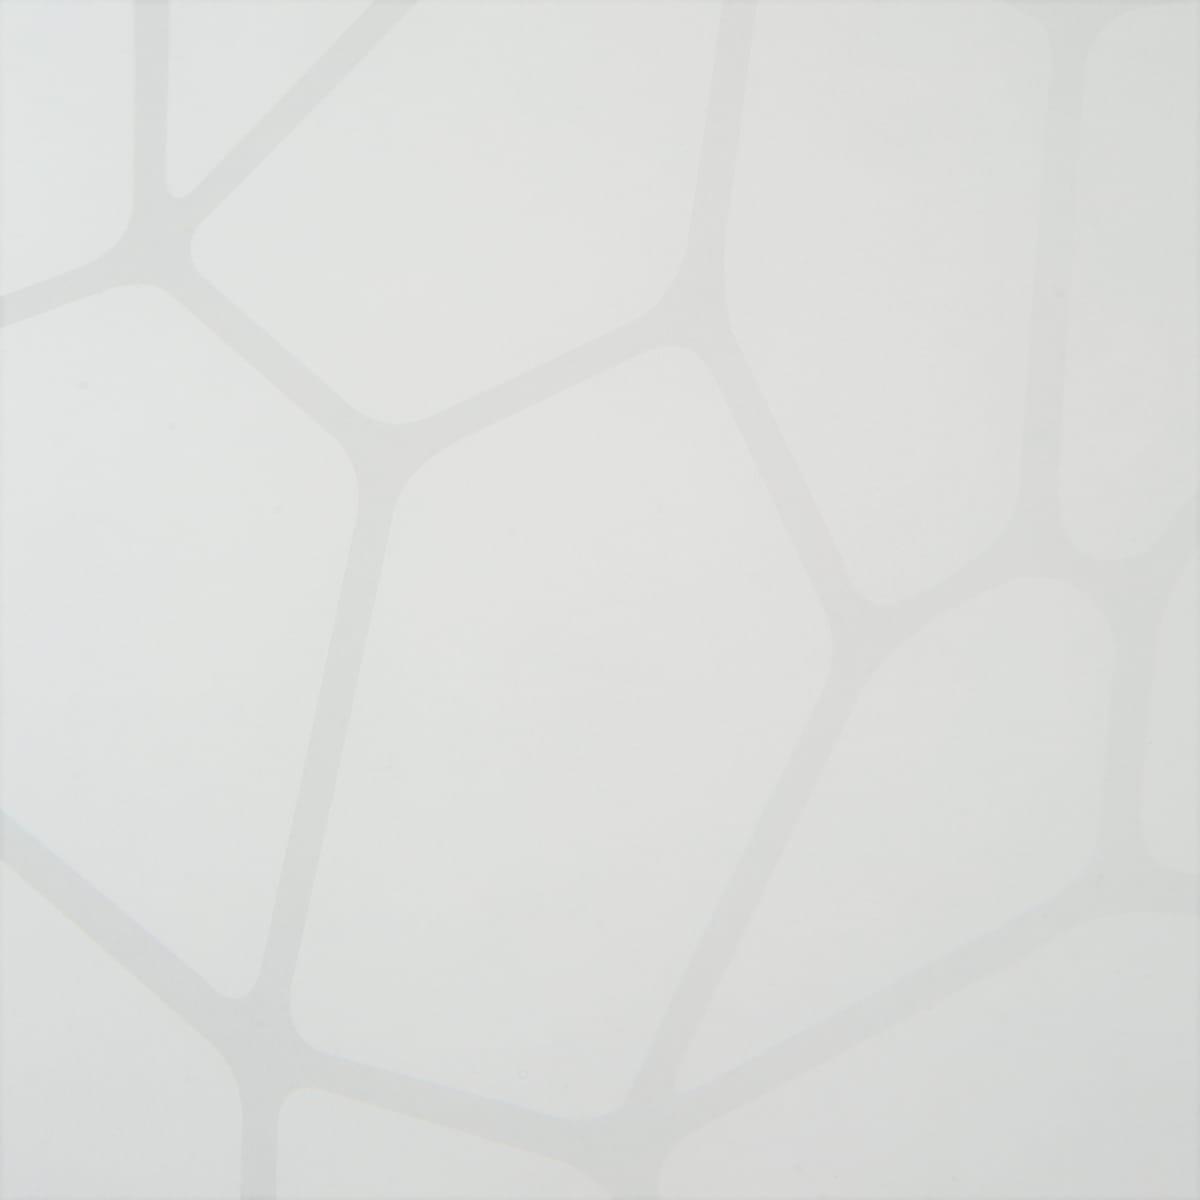 Стеновая панель «Абстракция», 240х60х0.4 см, МДФ, цвет белый